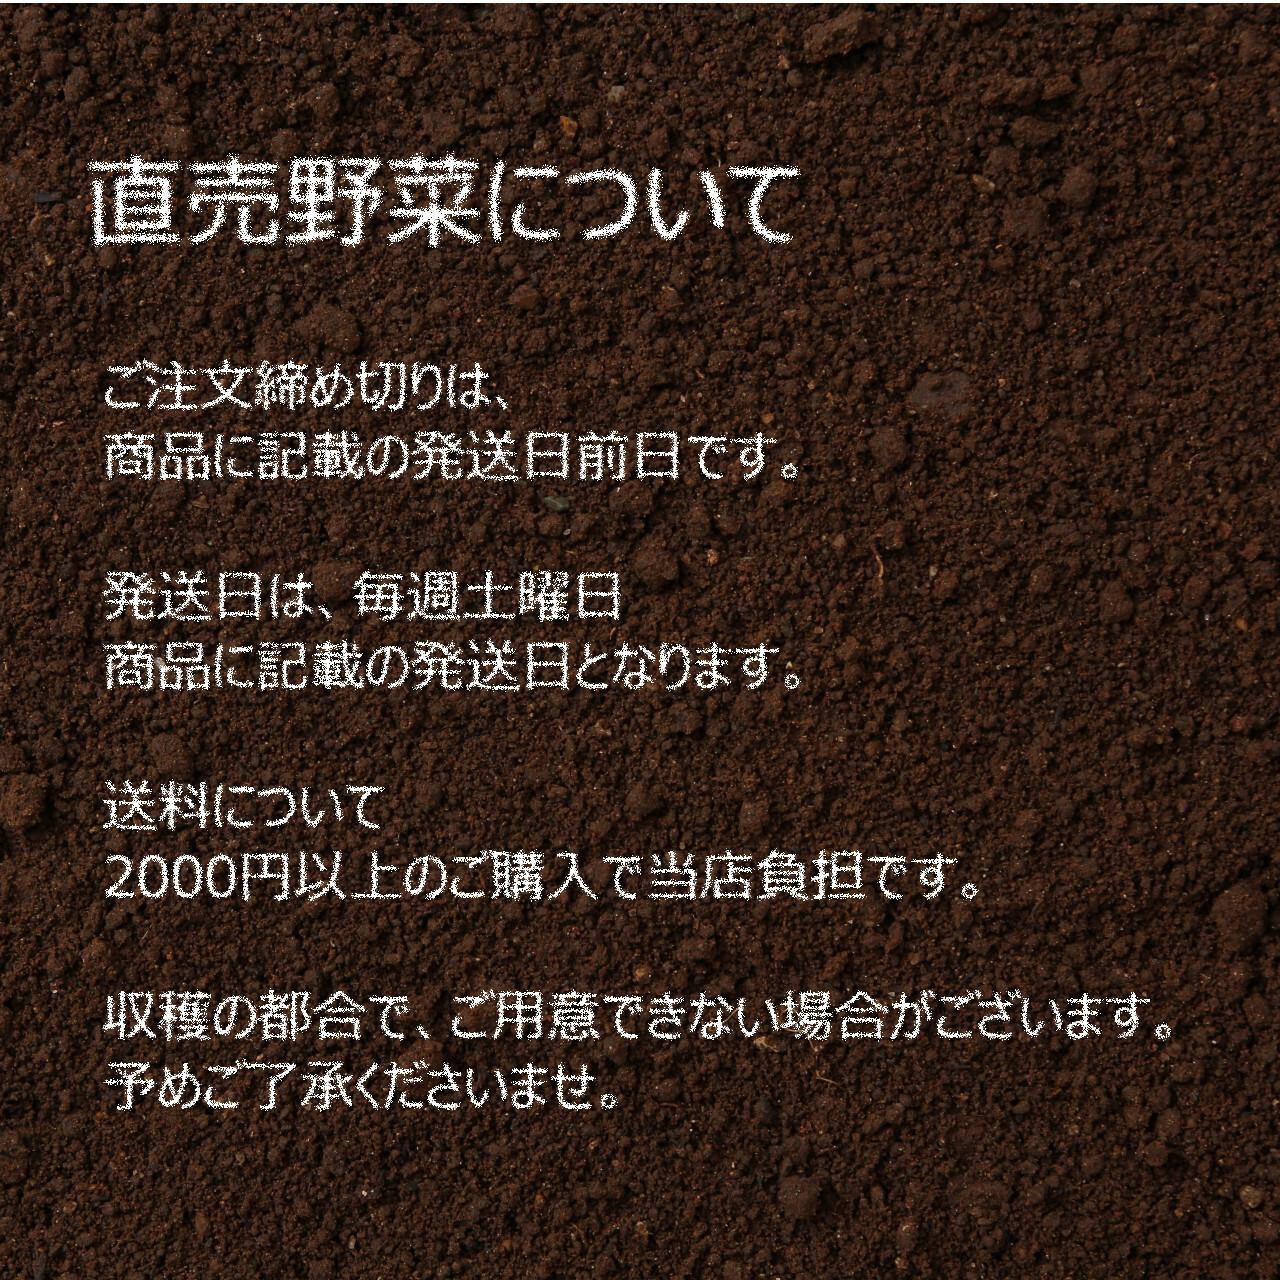 ニラ 約250g 5月の朝採り直売野菜 5月11日発送予定